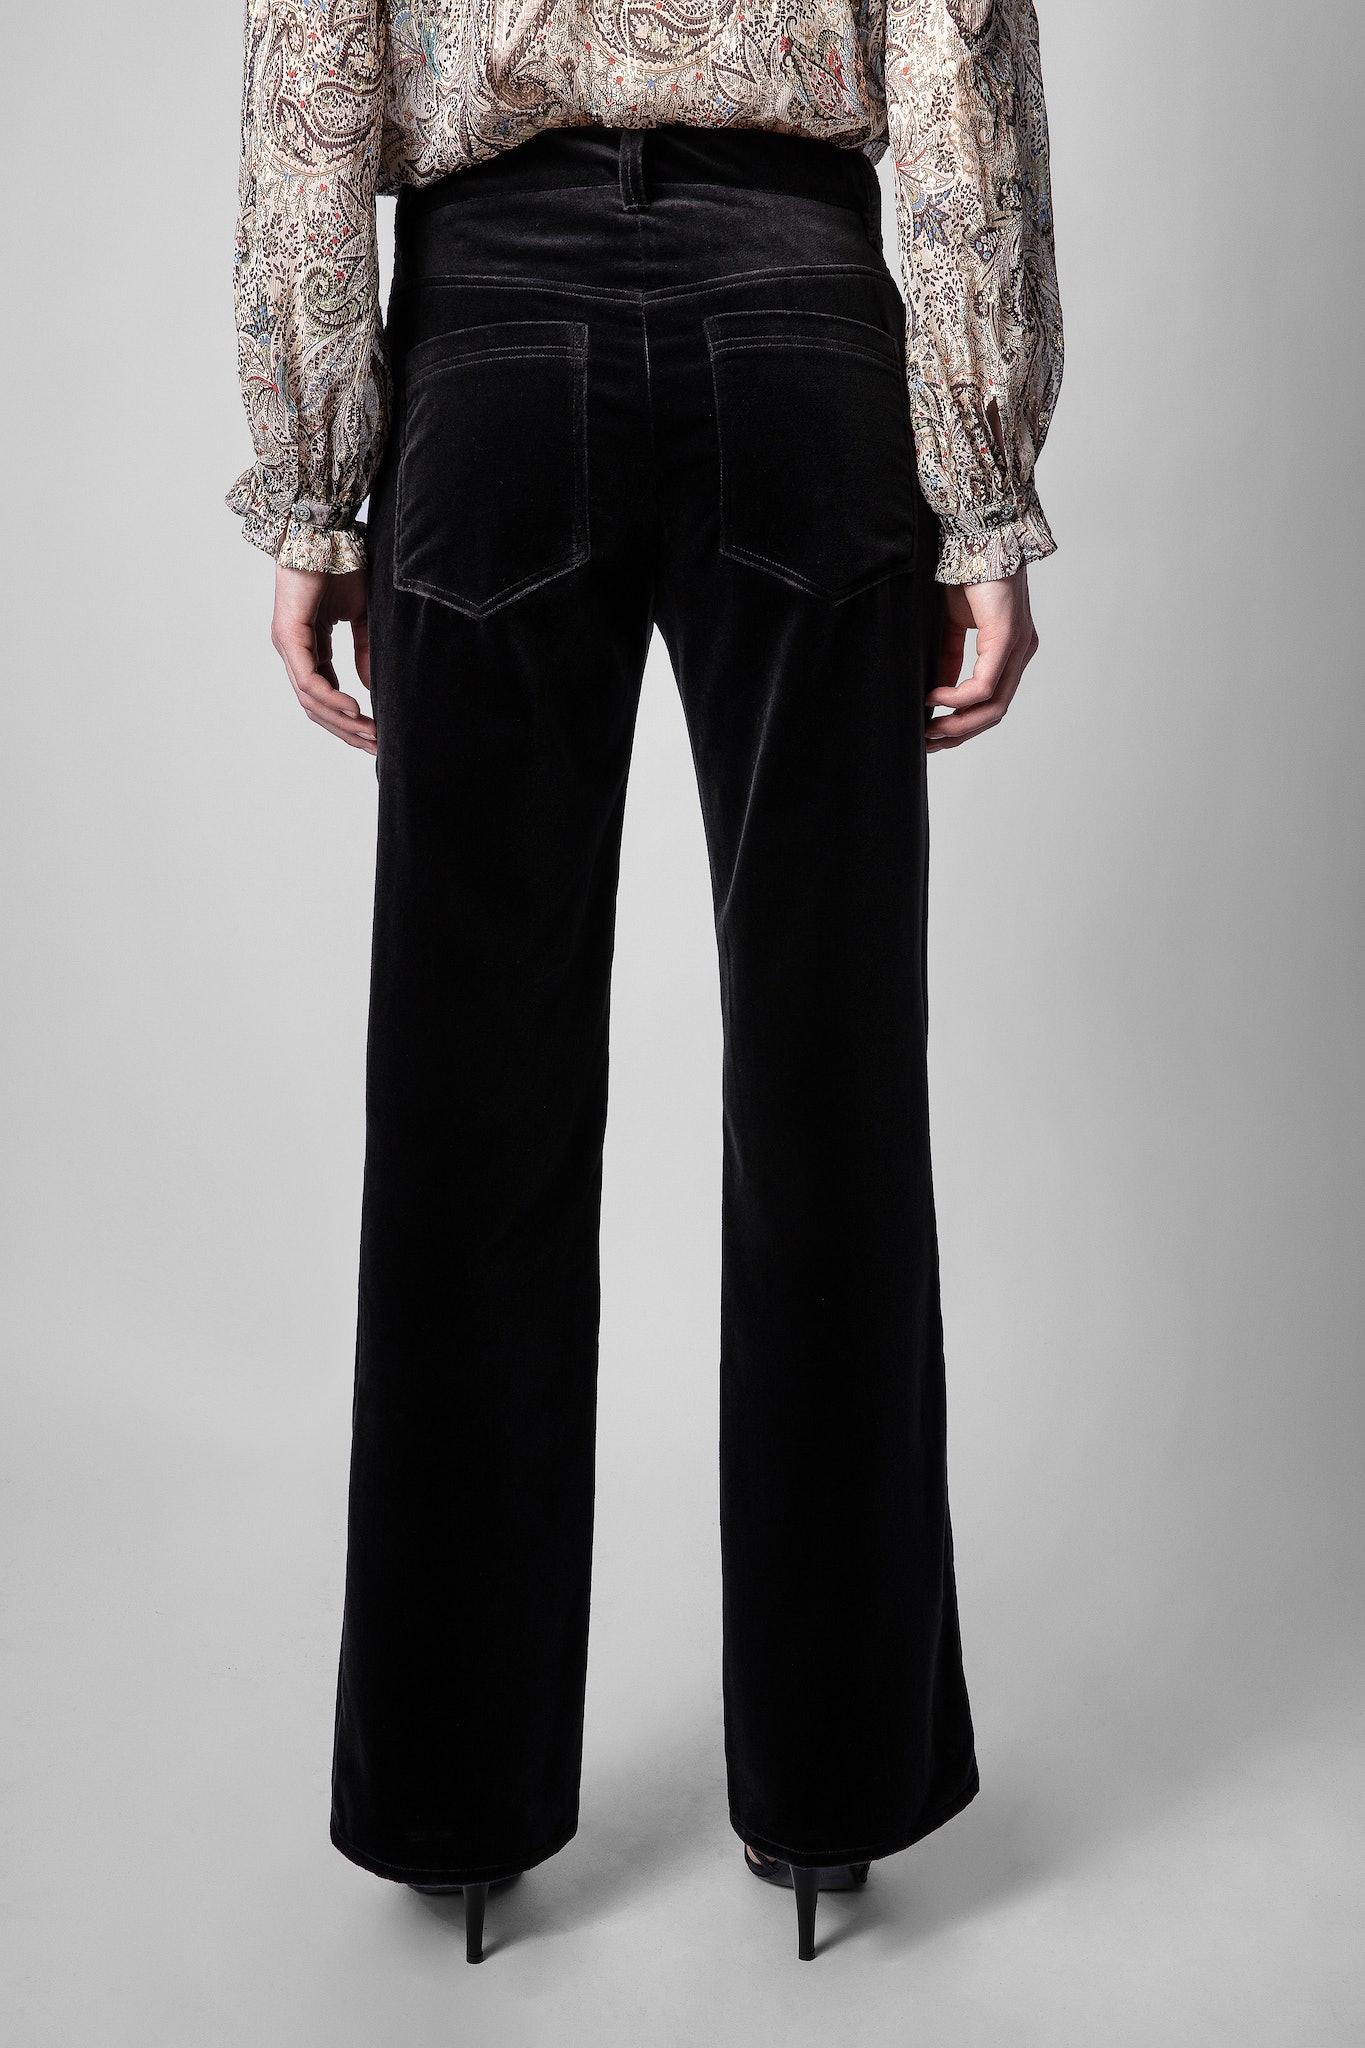 Pantalon Pistol Velvet